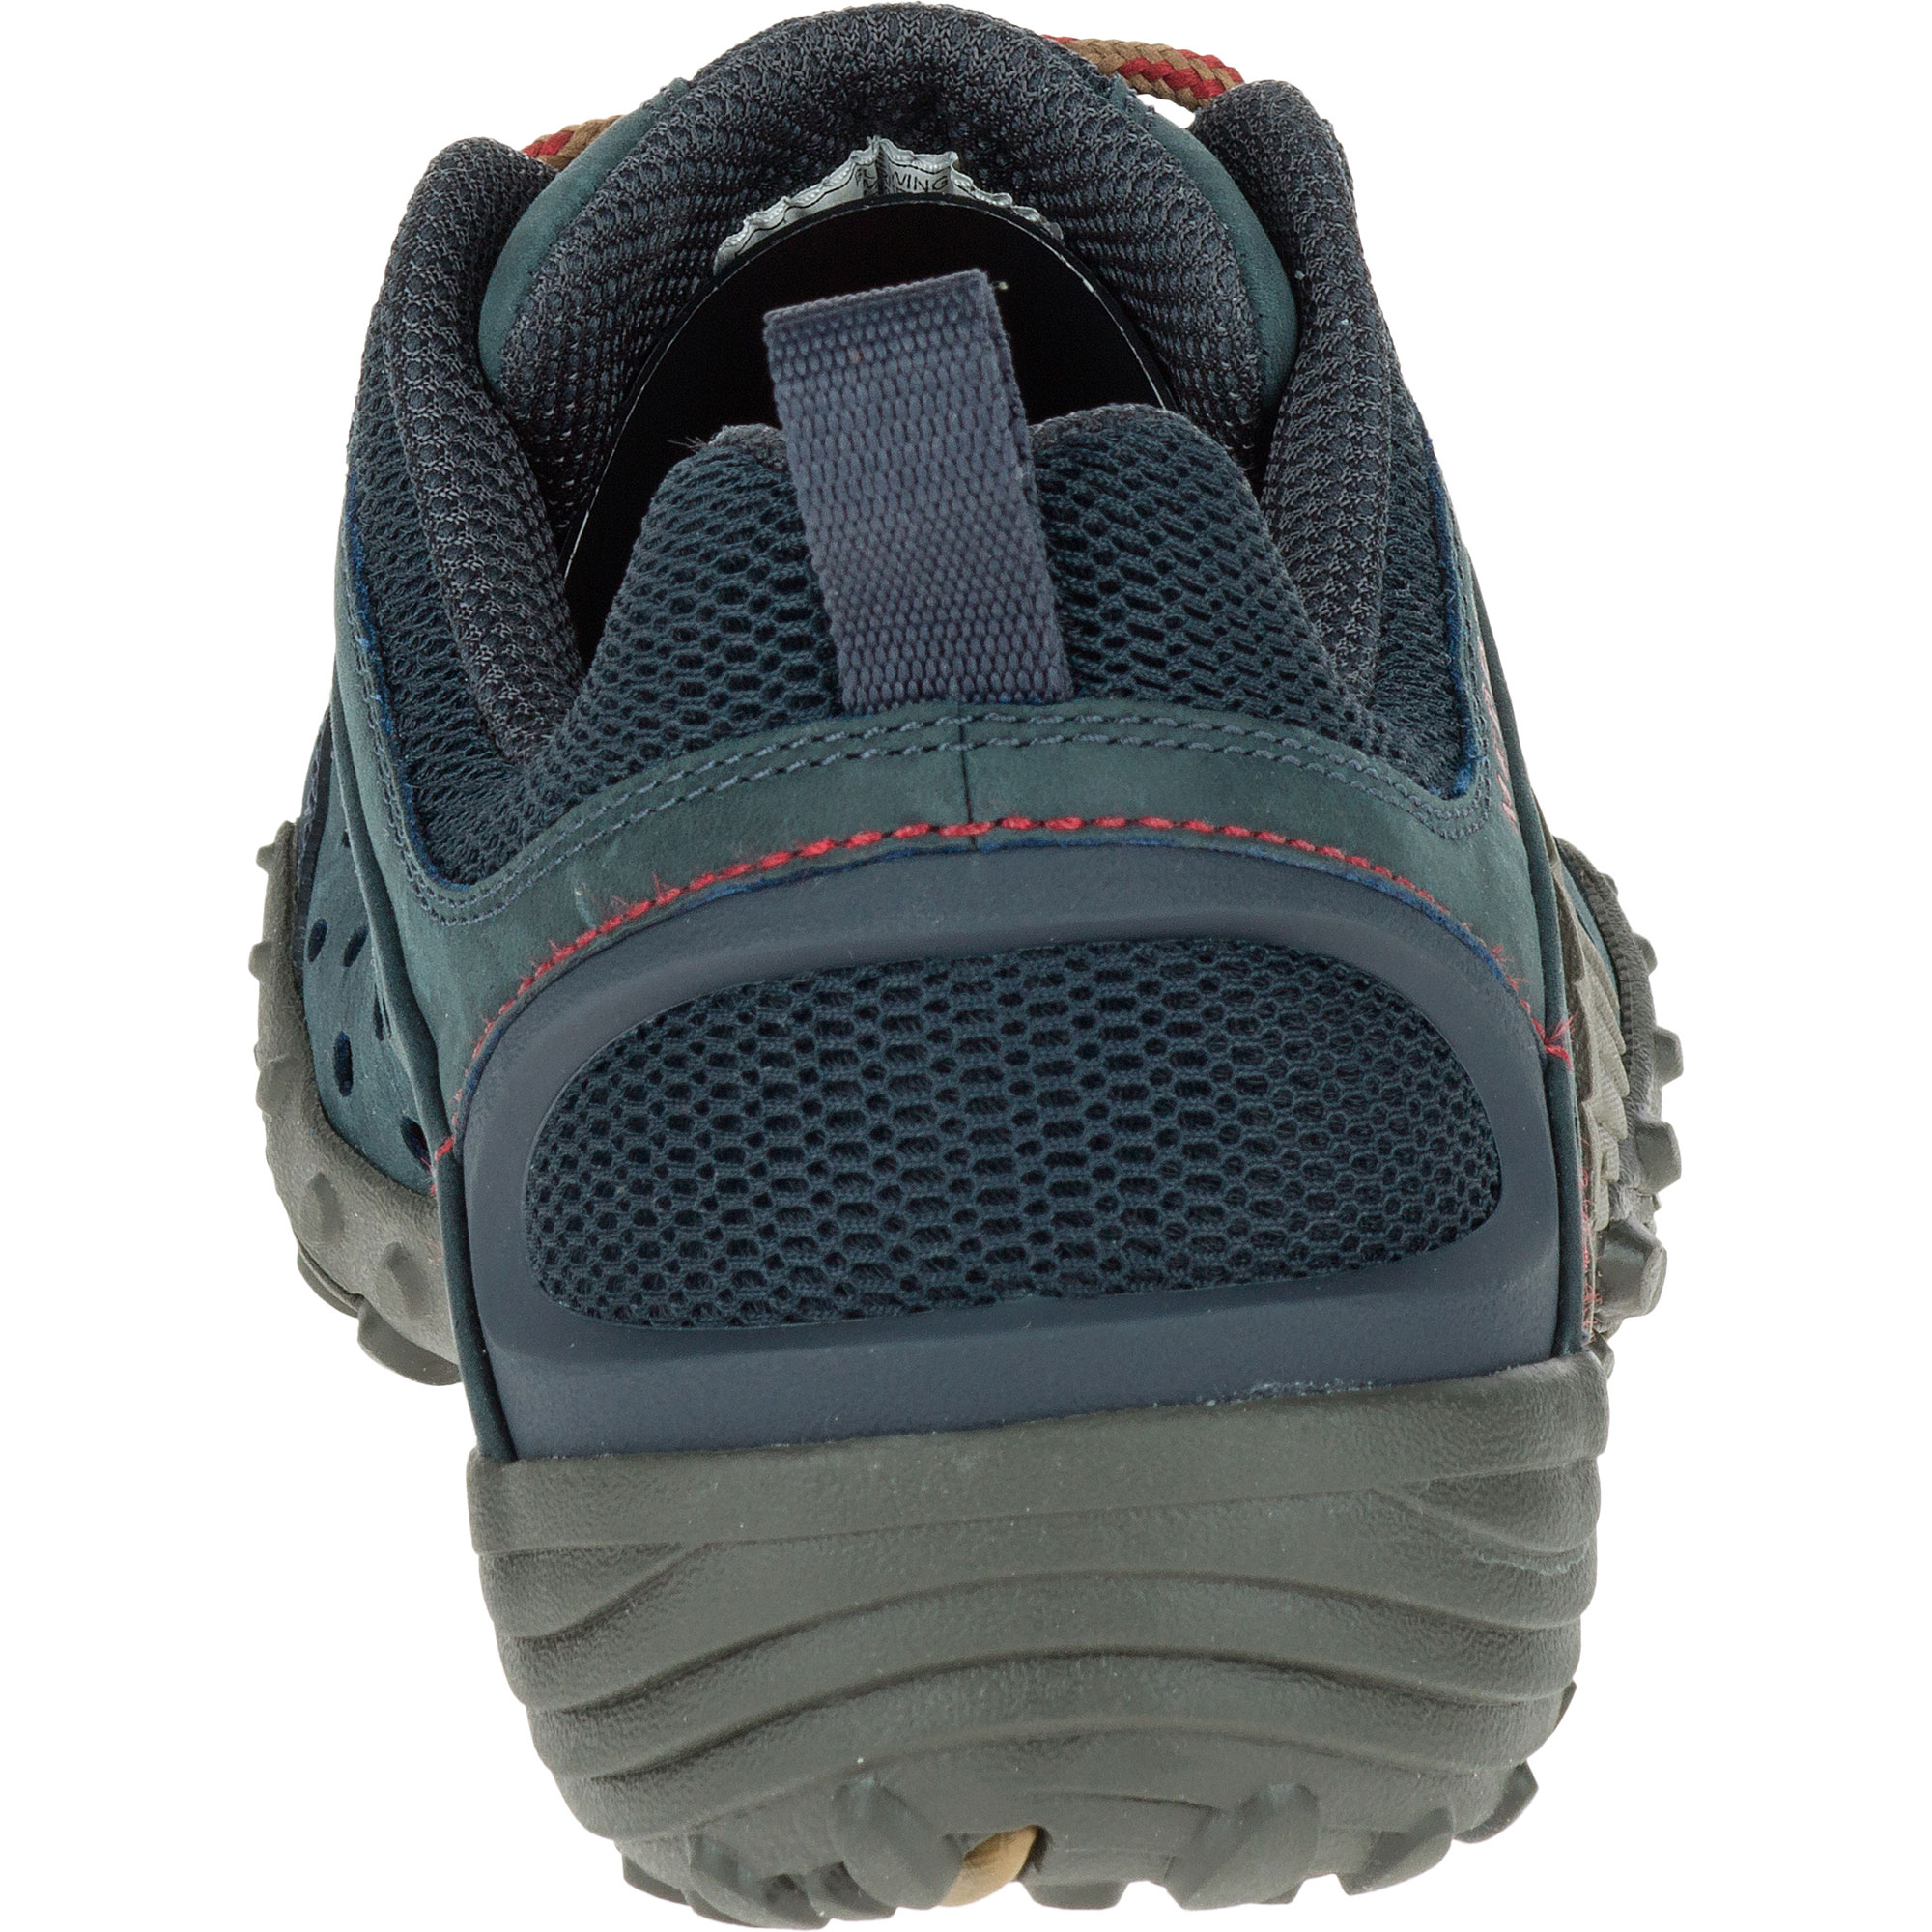 Merrell Mens Intercept Shoe RRP £100